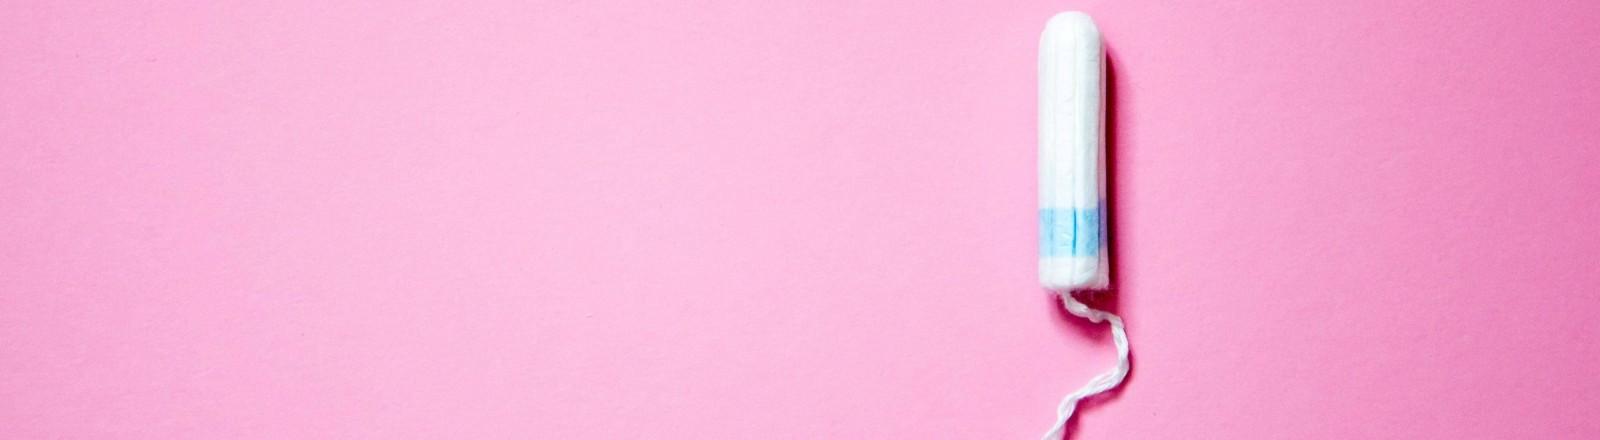 Ein Tampon auf pinkem Untergrund